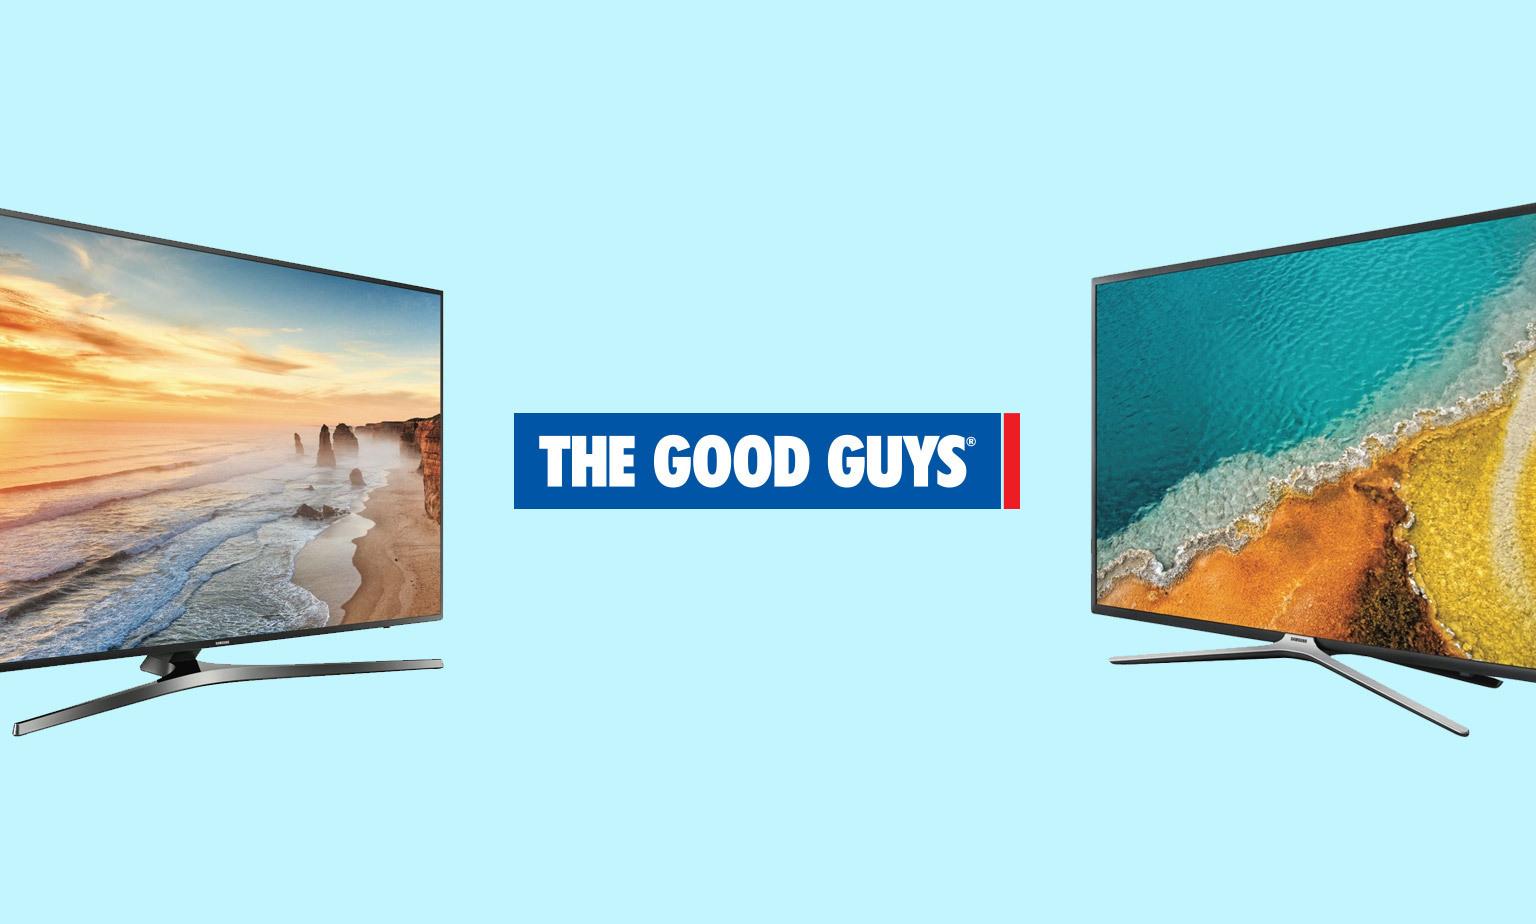 The Good Guys TV Clearance